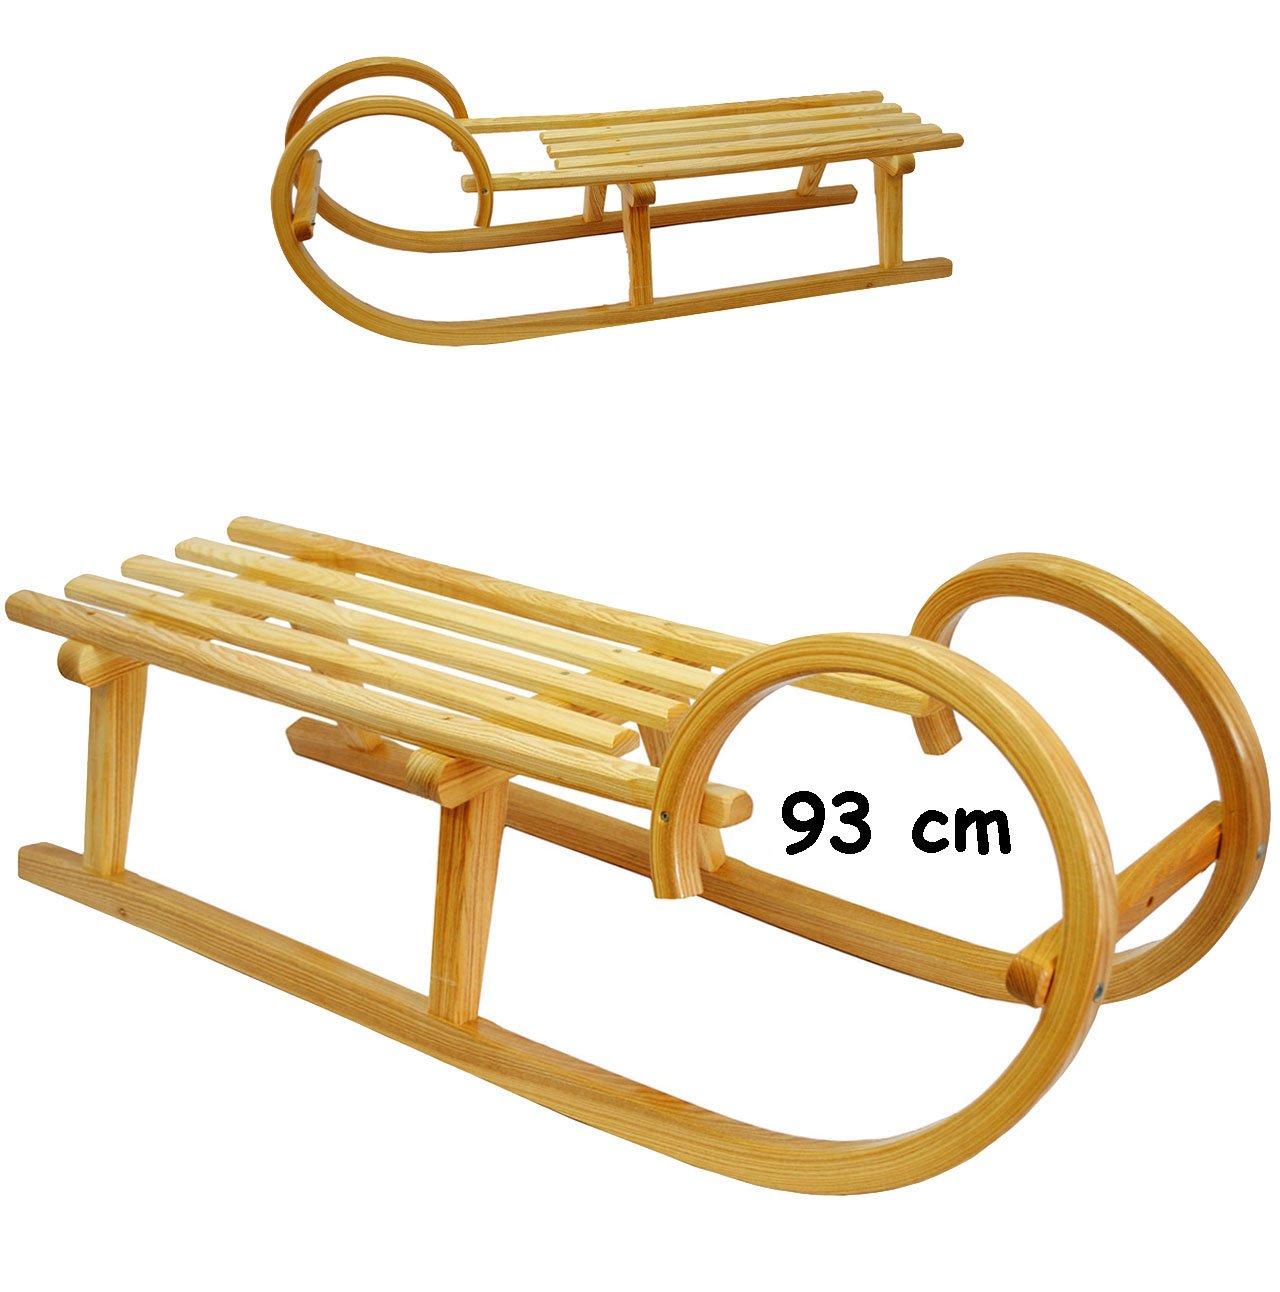 großer Holzschlitten / Hörnerschlitten - 93 cm lang - aus stabilen Holz - für Kinder & Erwachsene - universal passend - Lattensitz Schlitten - Kinderschlitten / Erwachsenenschlitten- Davoser - Davos / Babyschlitten Hörnerrodel - Rodelschlitten / Rodel